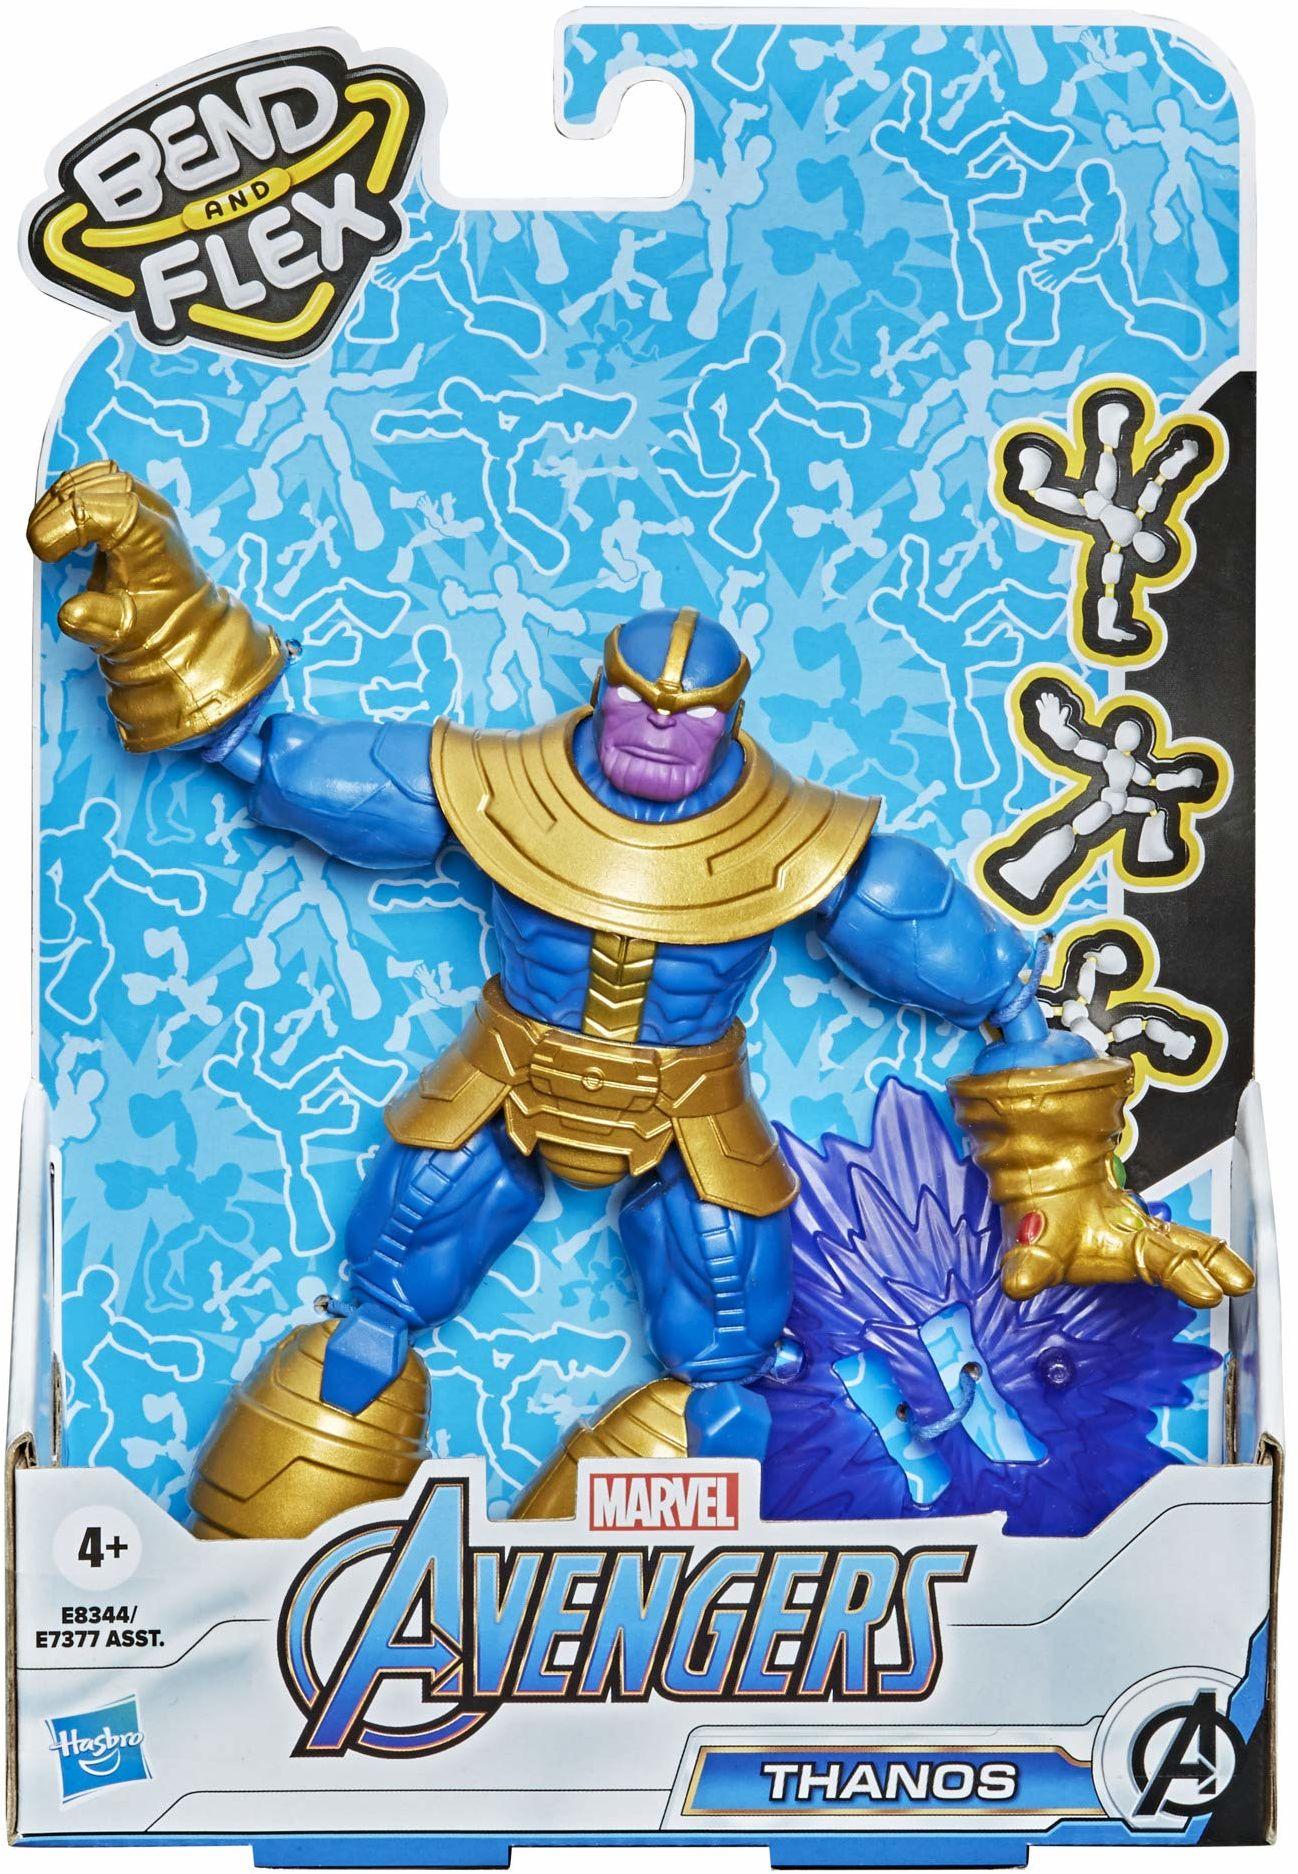 Marvel Avengers Bend And Flex figurka akcji, 15 cm duża giętka figura Thanos, zawiera efektowny dodatek, dla dzieci od 6 lat